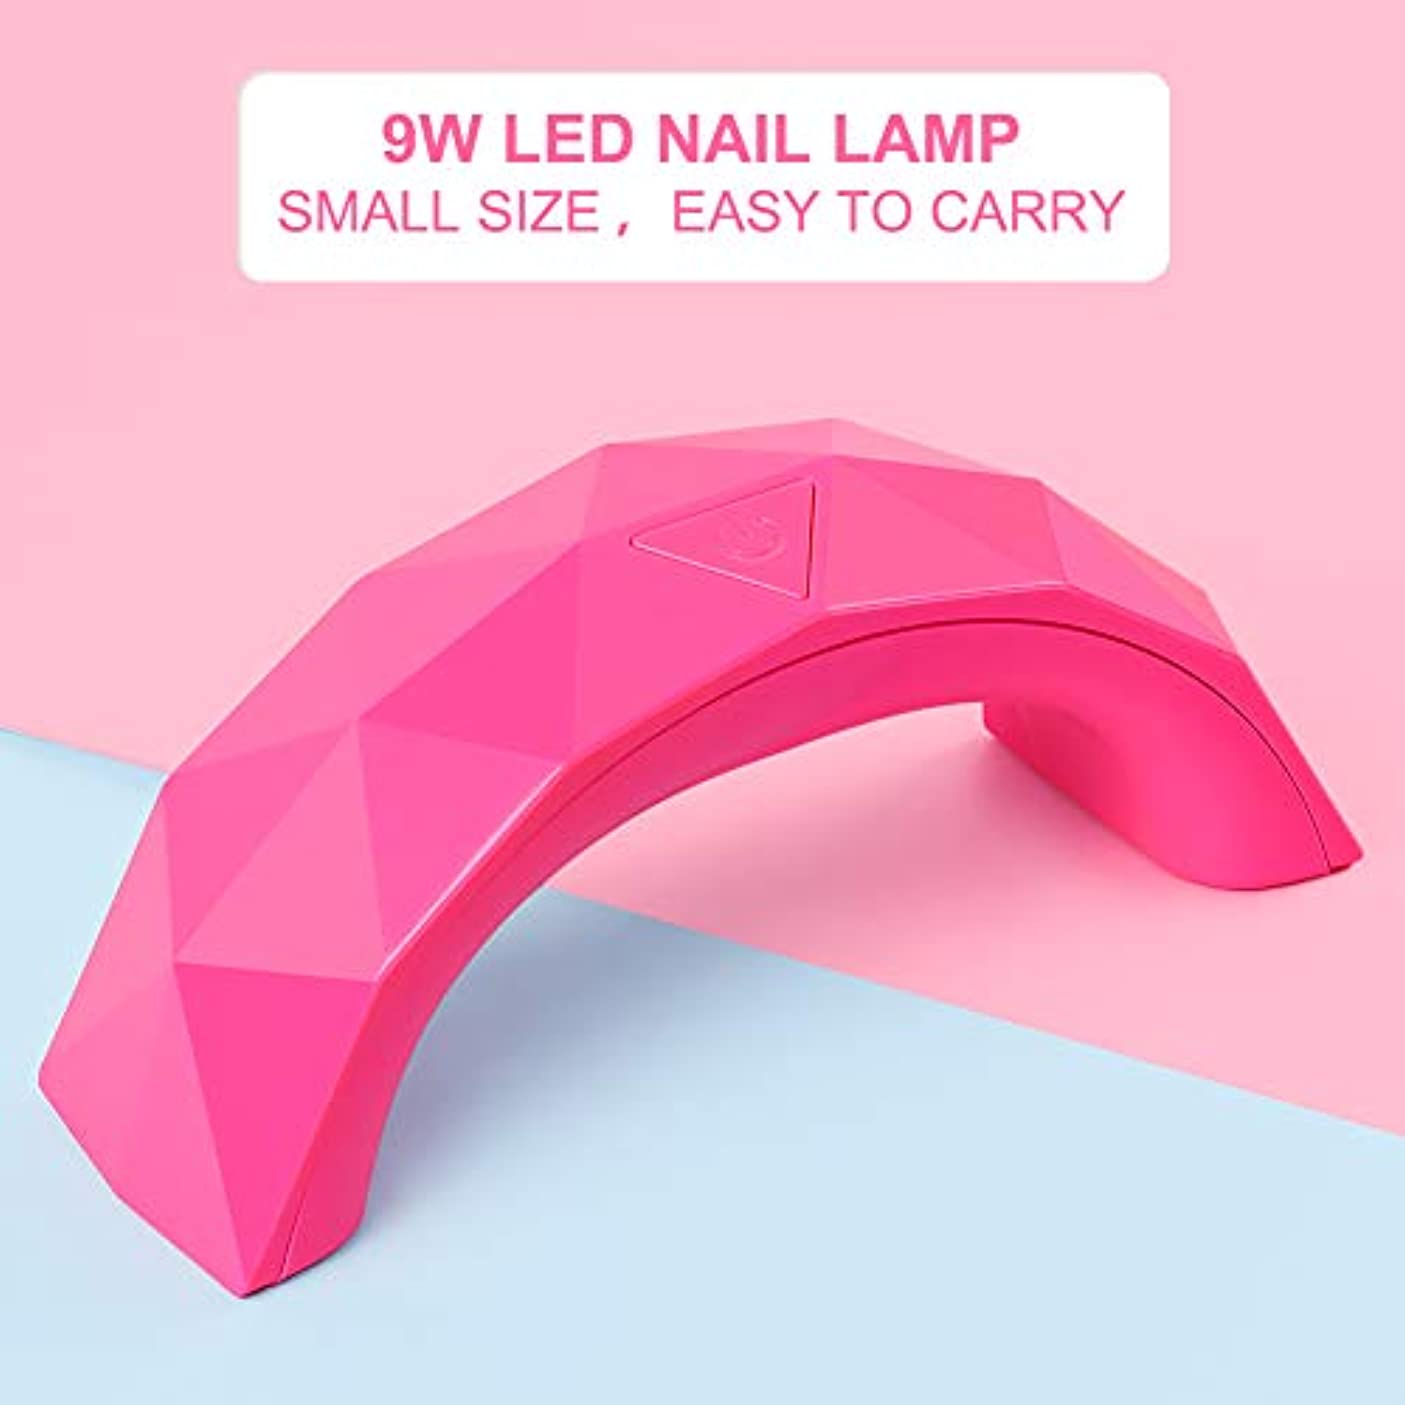 9W ピンク ネイルライト 硬化用UV/LEDライト ネイルドライヤー ネイル道具?ケアツール 硬化用ライト マニキュア ネイルアートツール